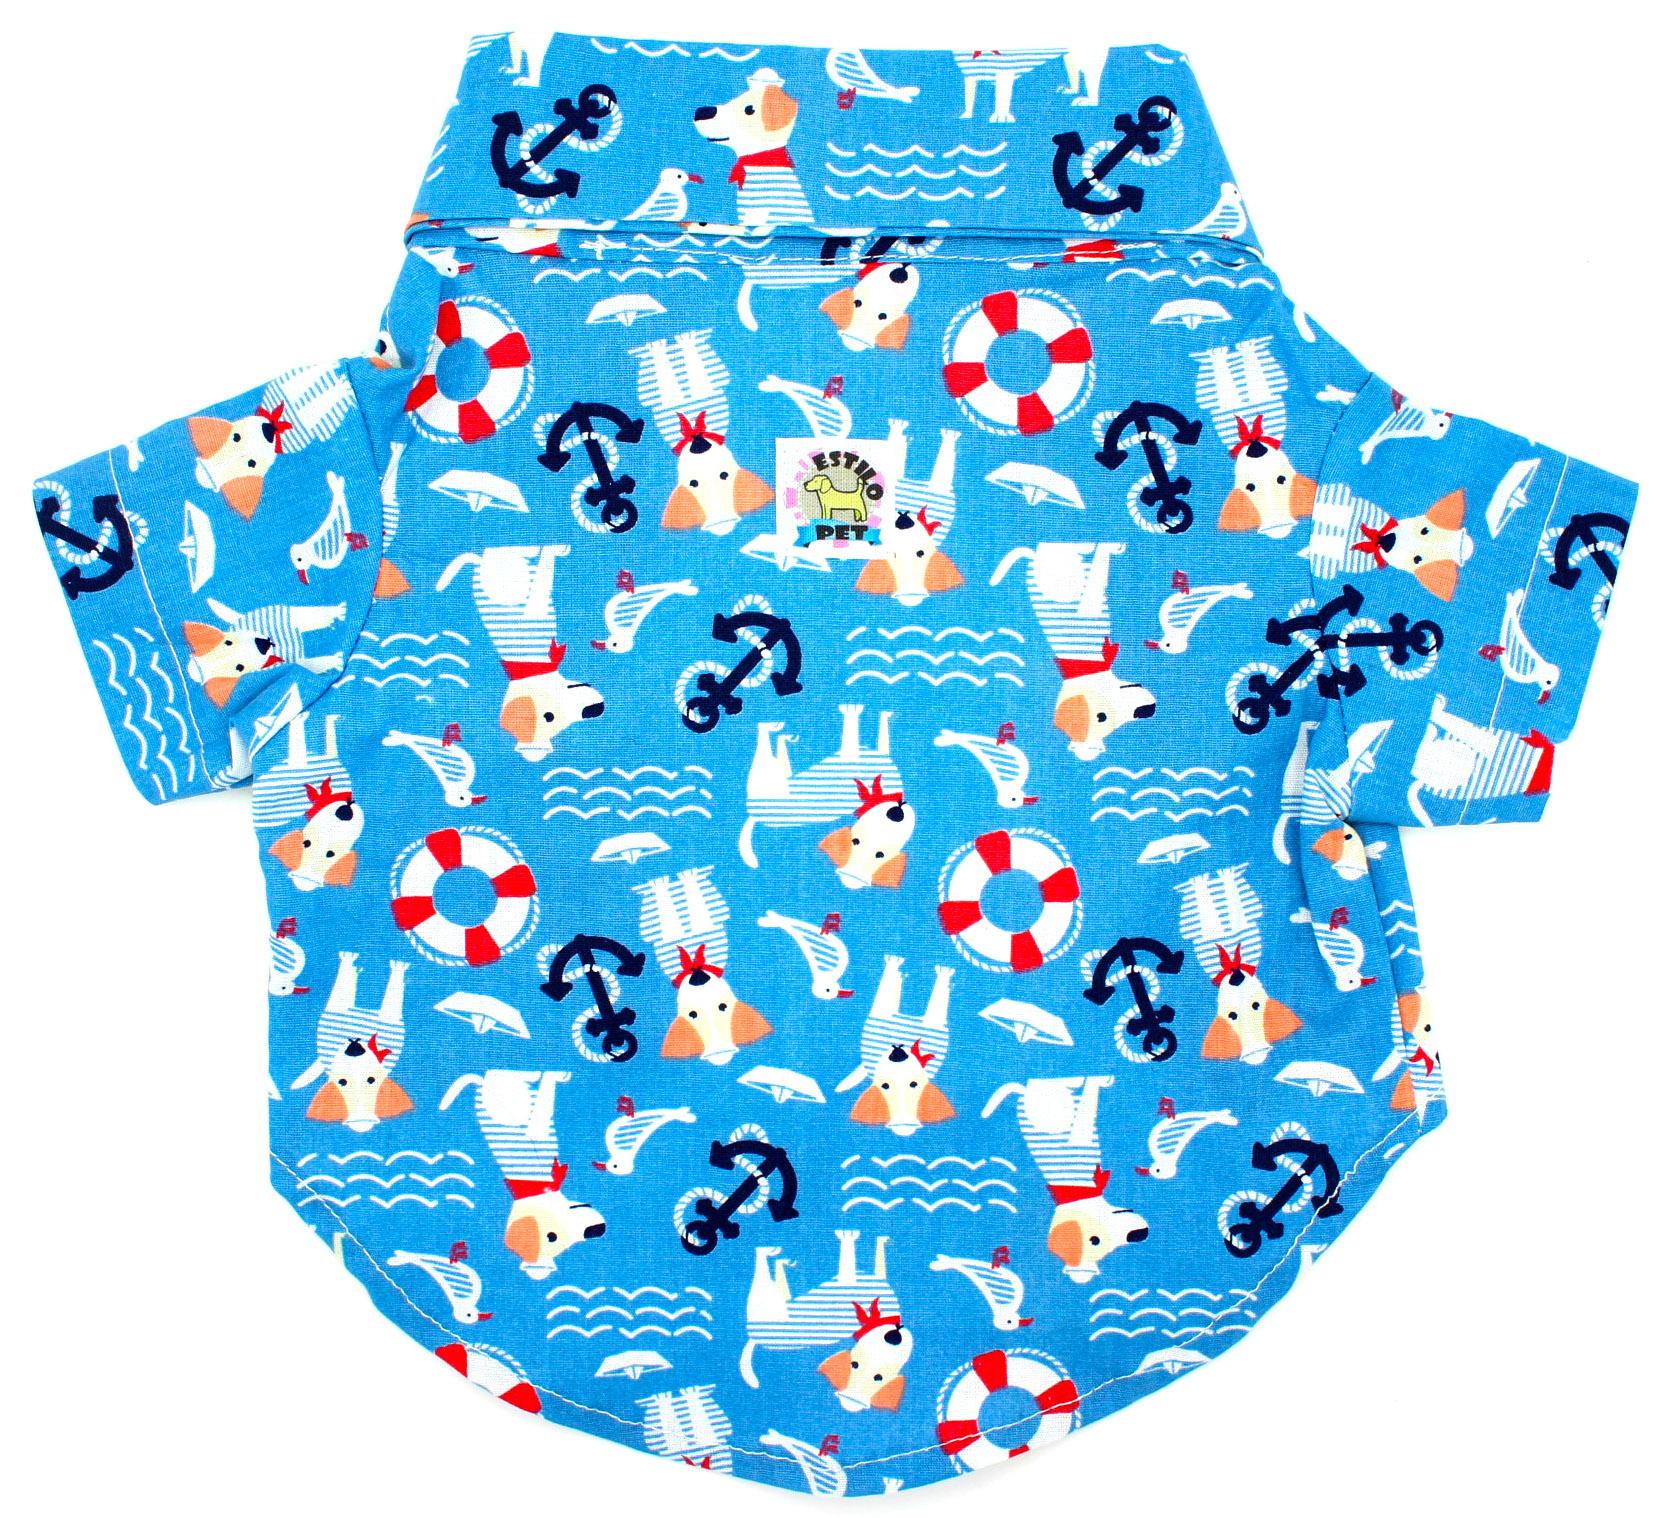 Camisa para Cachorro - Tecido Azul Marinheiro - Estilo Pet - Pet Elegante 491523edc816a